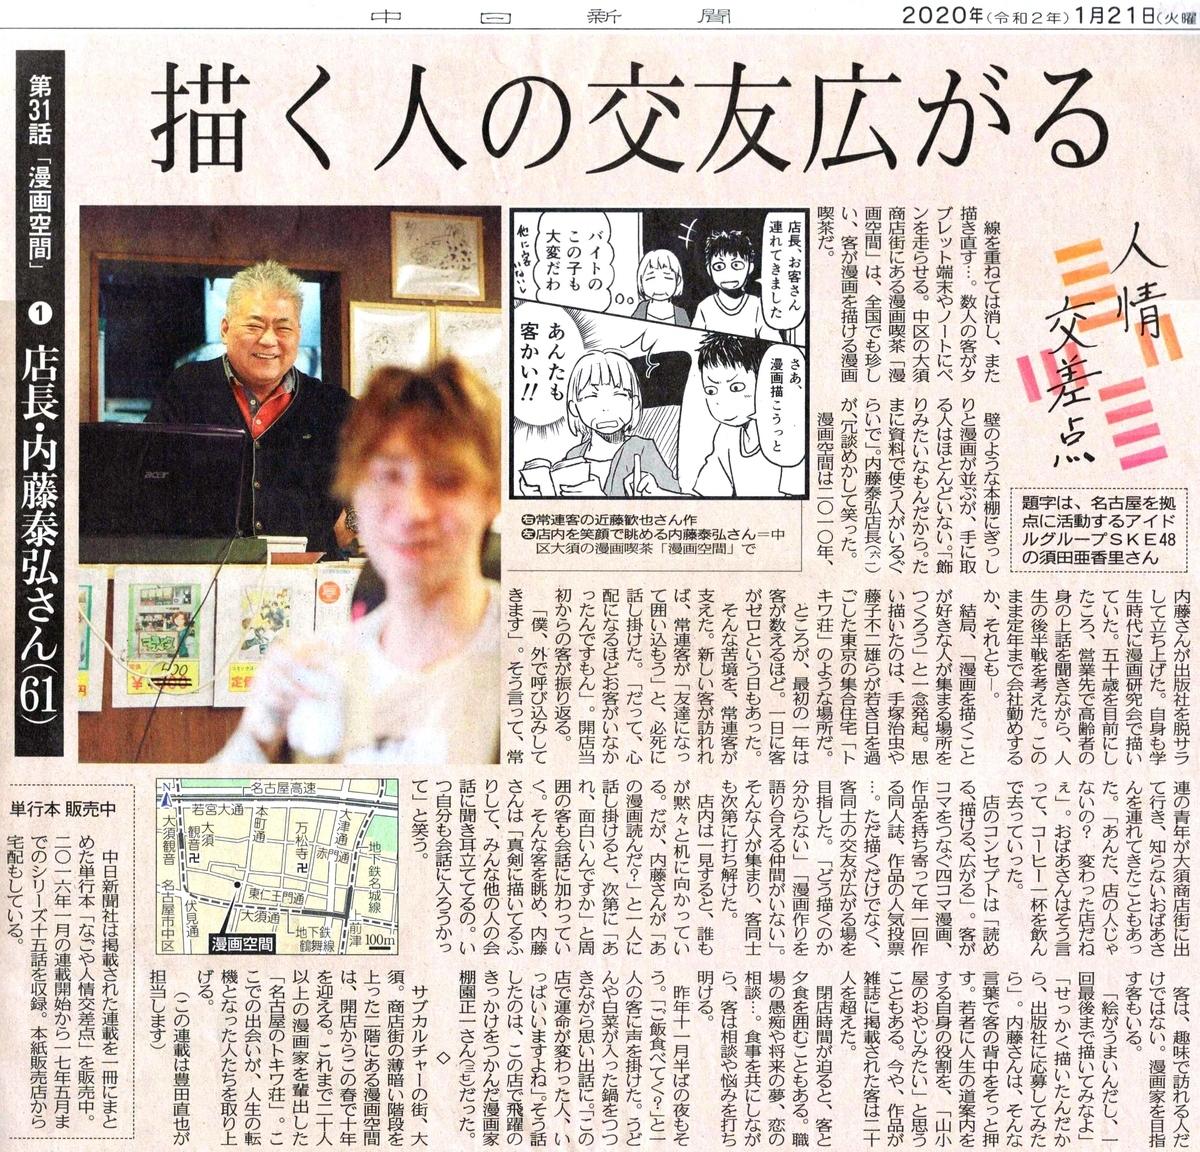 2020-01-21 中日新聞 人情交差点 漫画空間